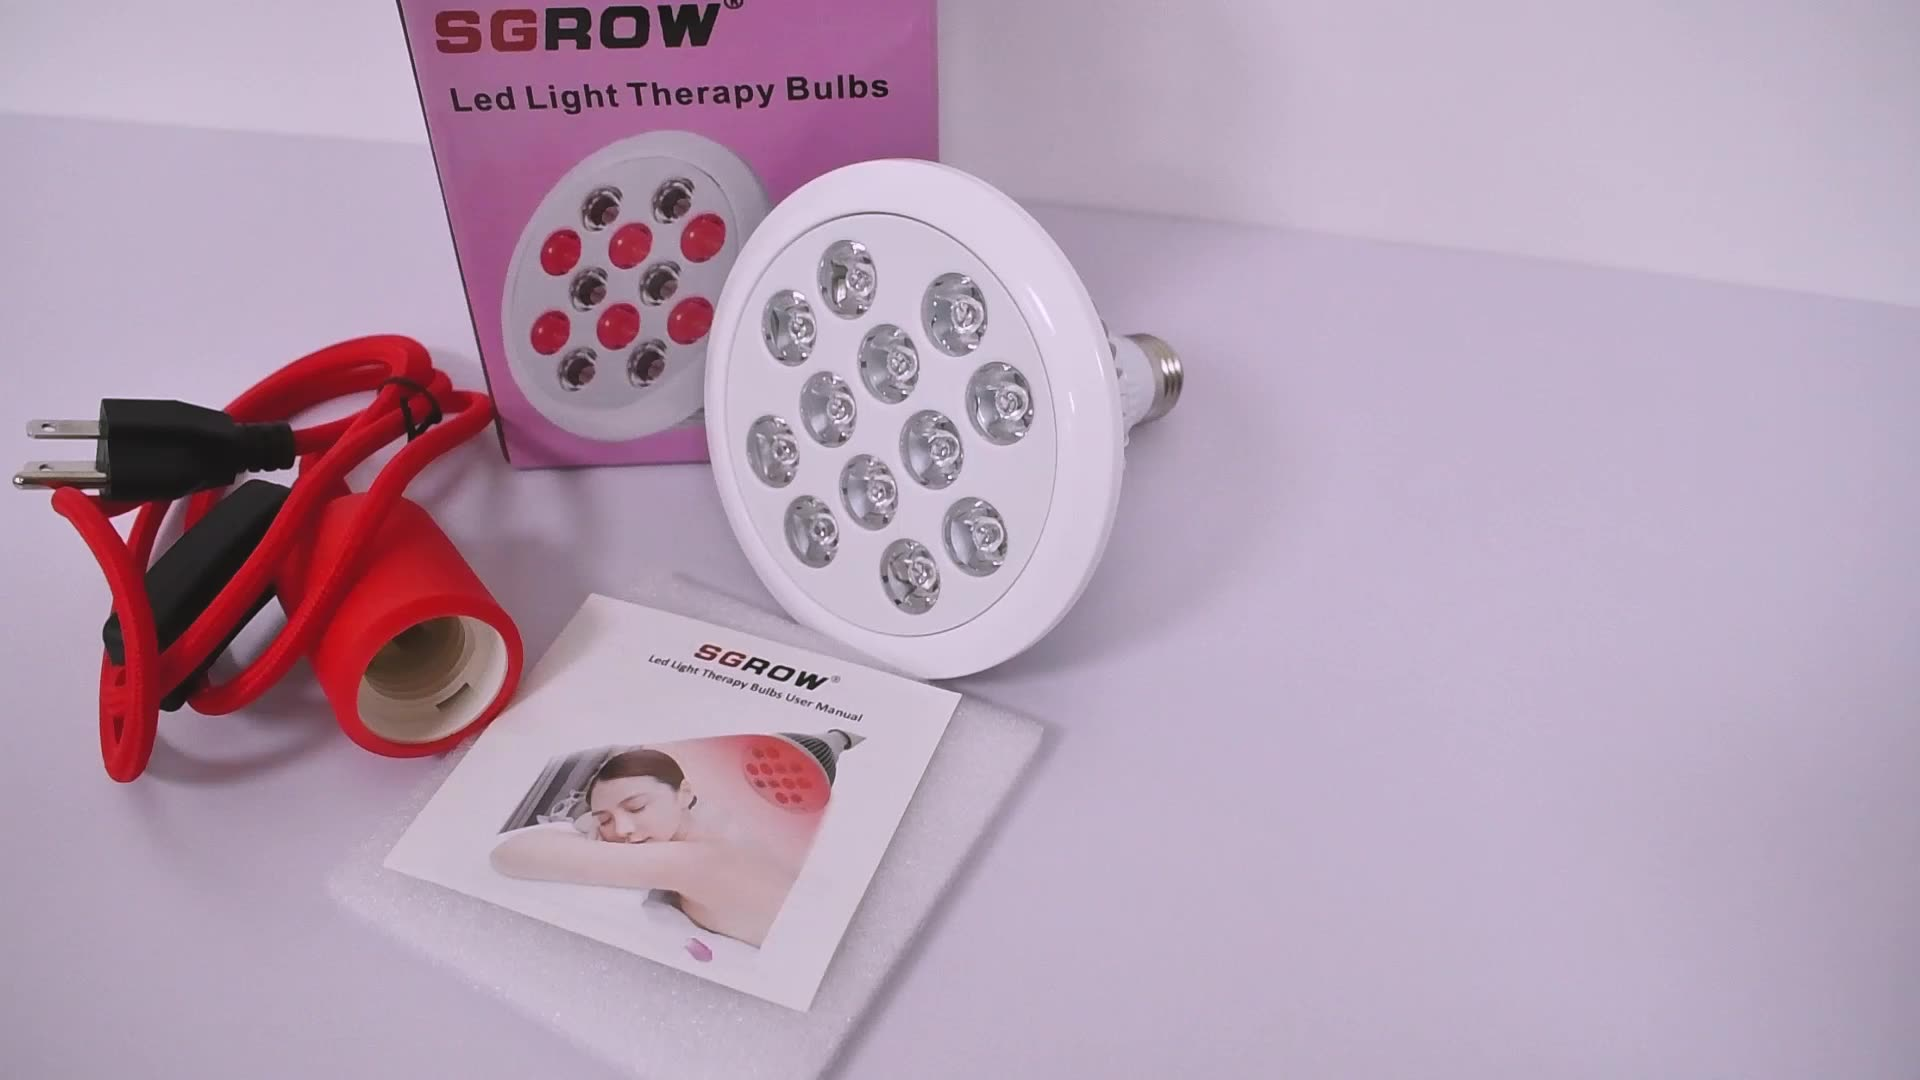 כולל E27 תקע SGROW 660nm 850nm כף יד אדום אינפרא אדום אור אנטי הזדקנות 24W אדום אור טיפול הנורה